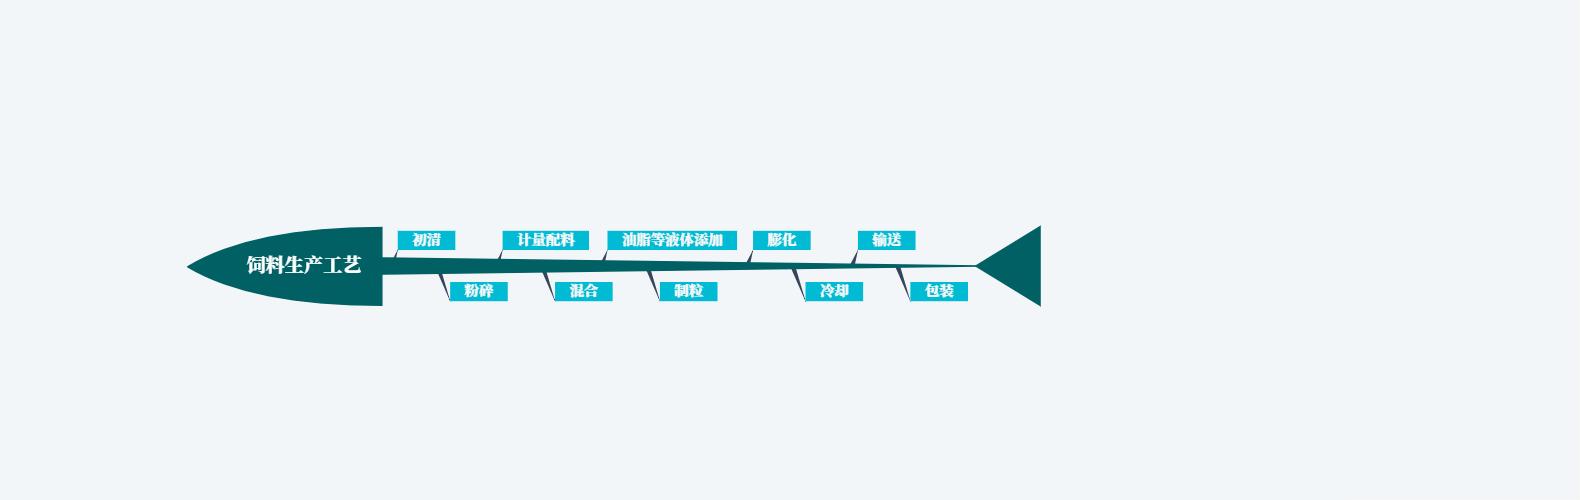 必威app官方下载生产工艺